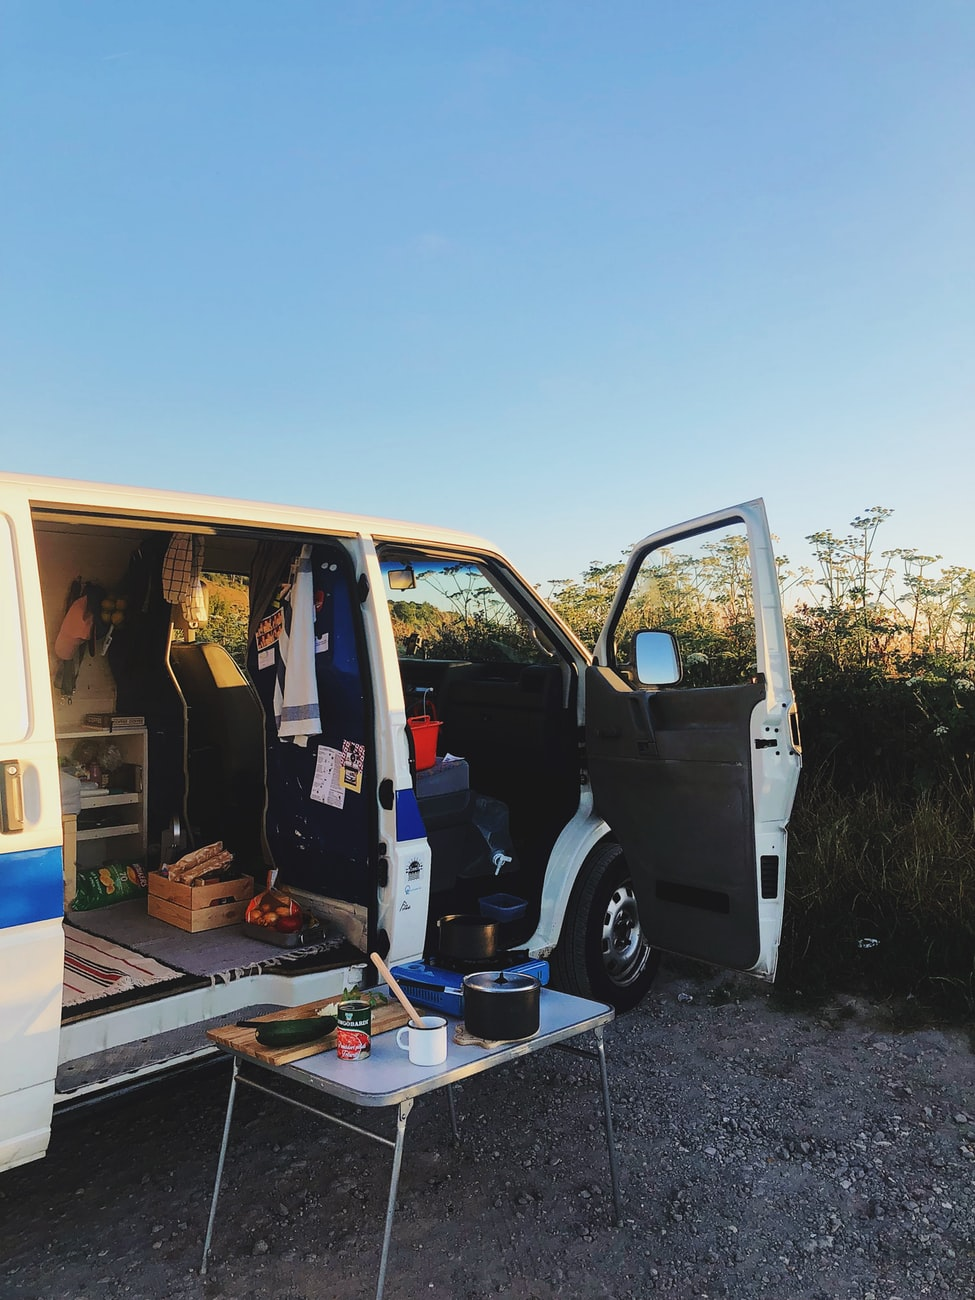 preparar tu viaje en autocaravana